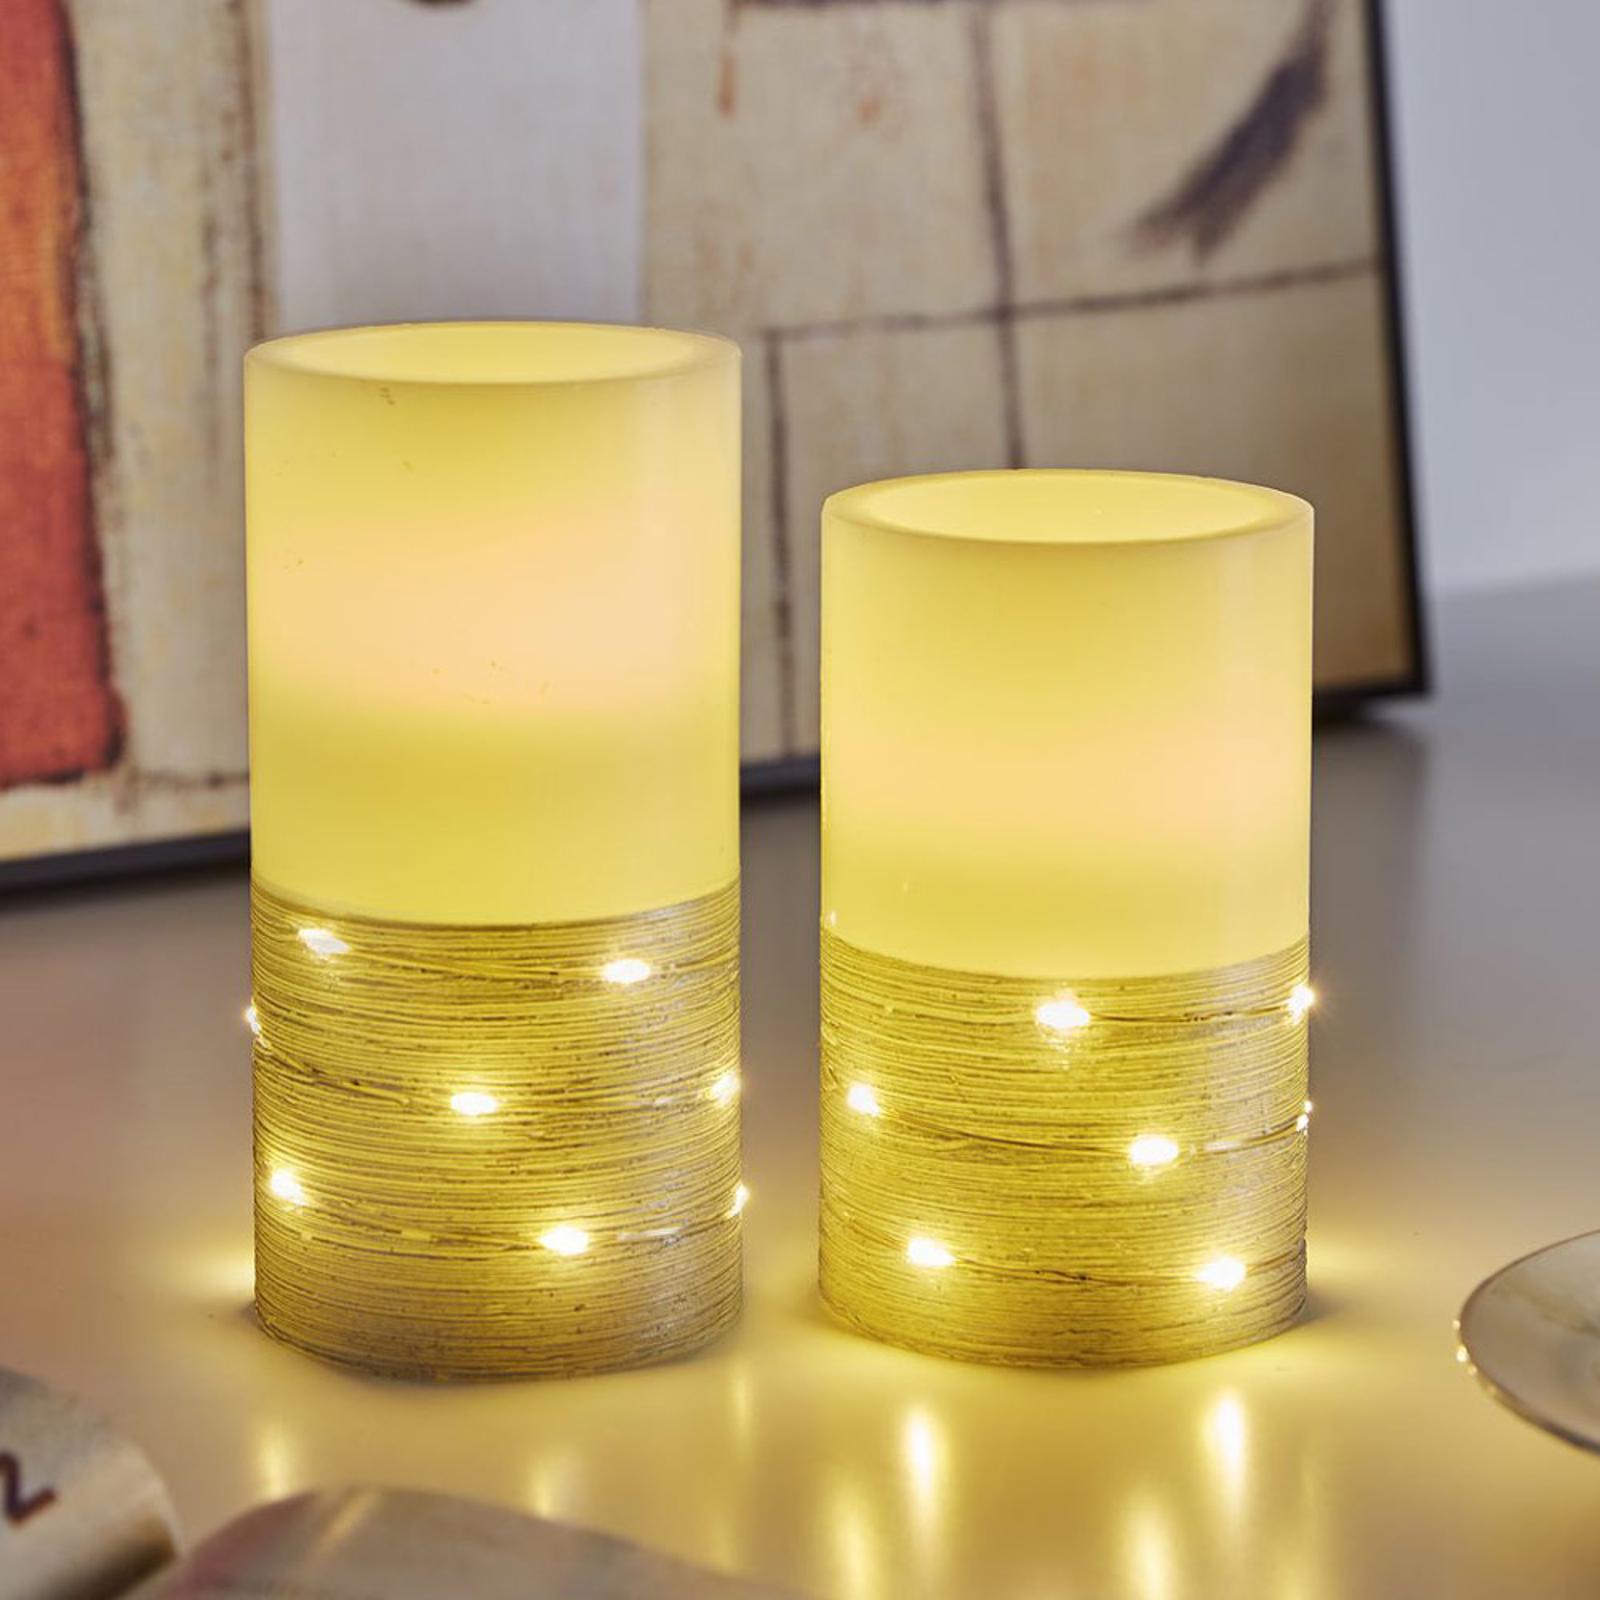 Pauleen Fairy Lights Candle LED-mignon 2er-sett